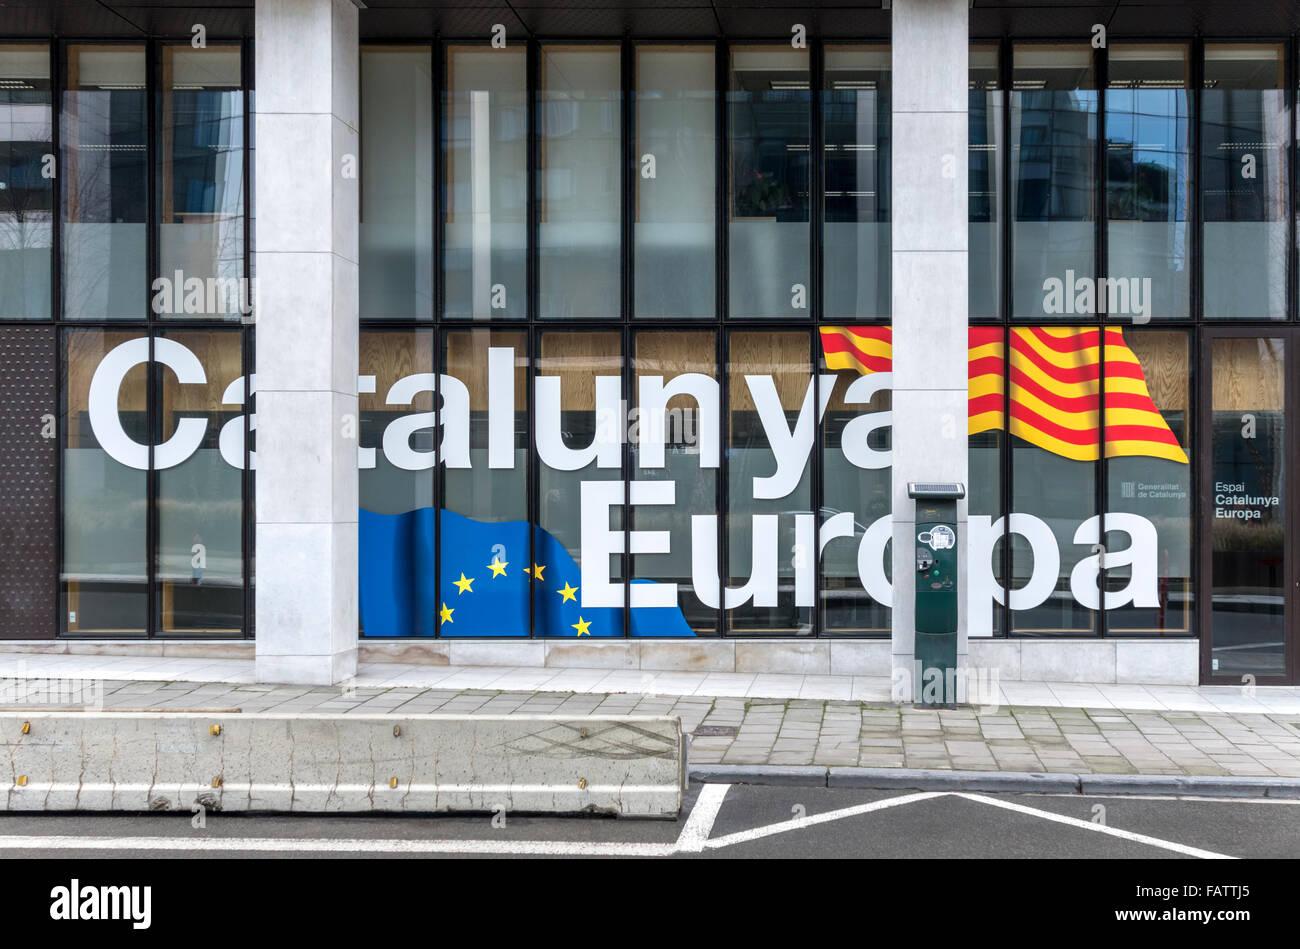 Bruxelles. L'ufficio della delegazione del governo della Catalogna per l'Unione europea UE. Immagini Stock